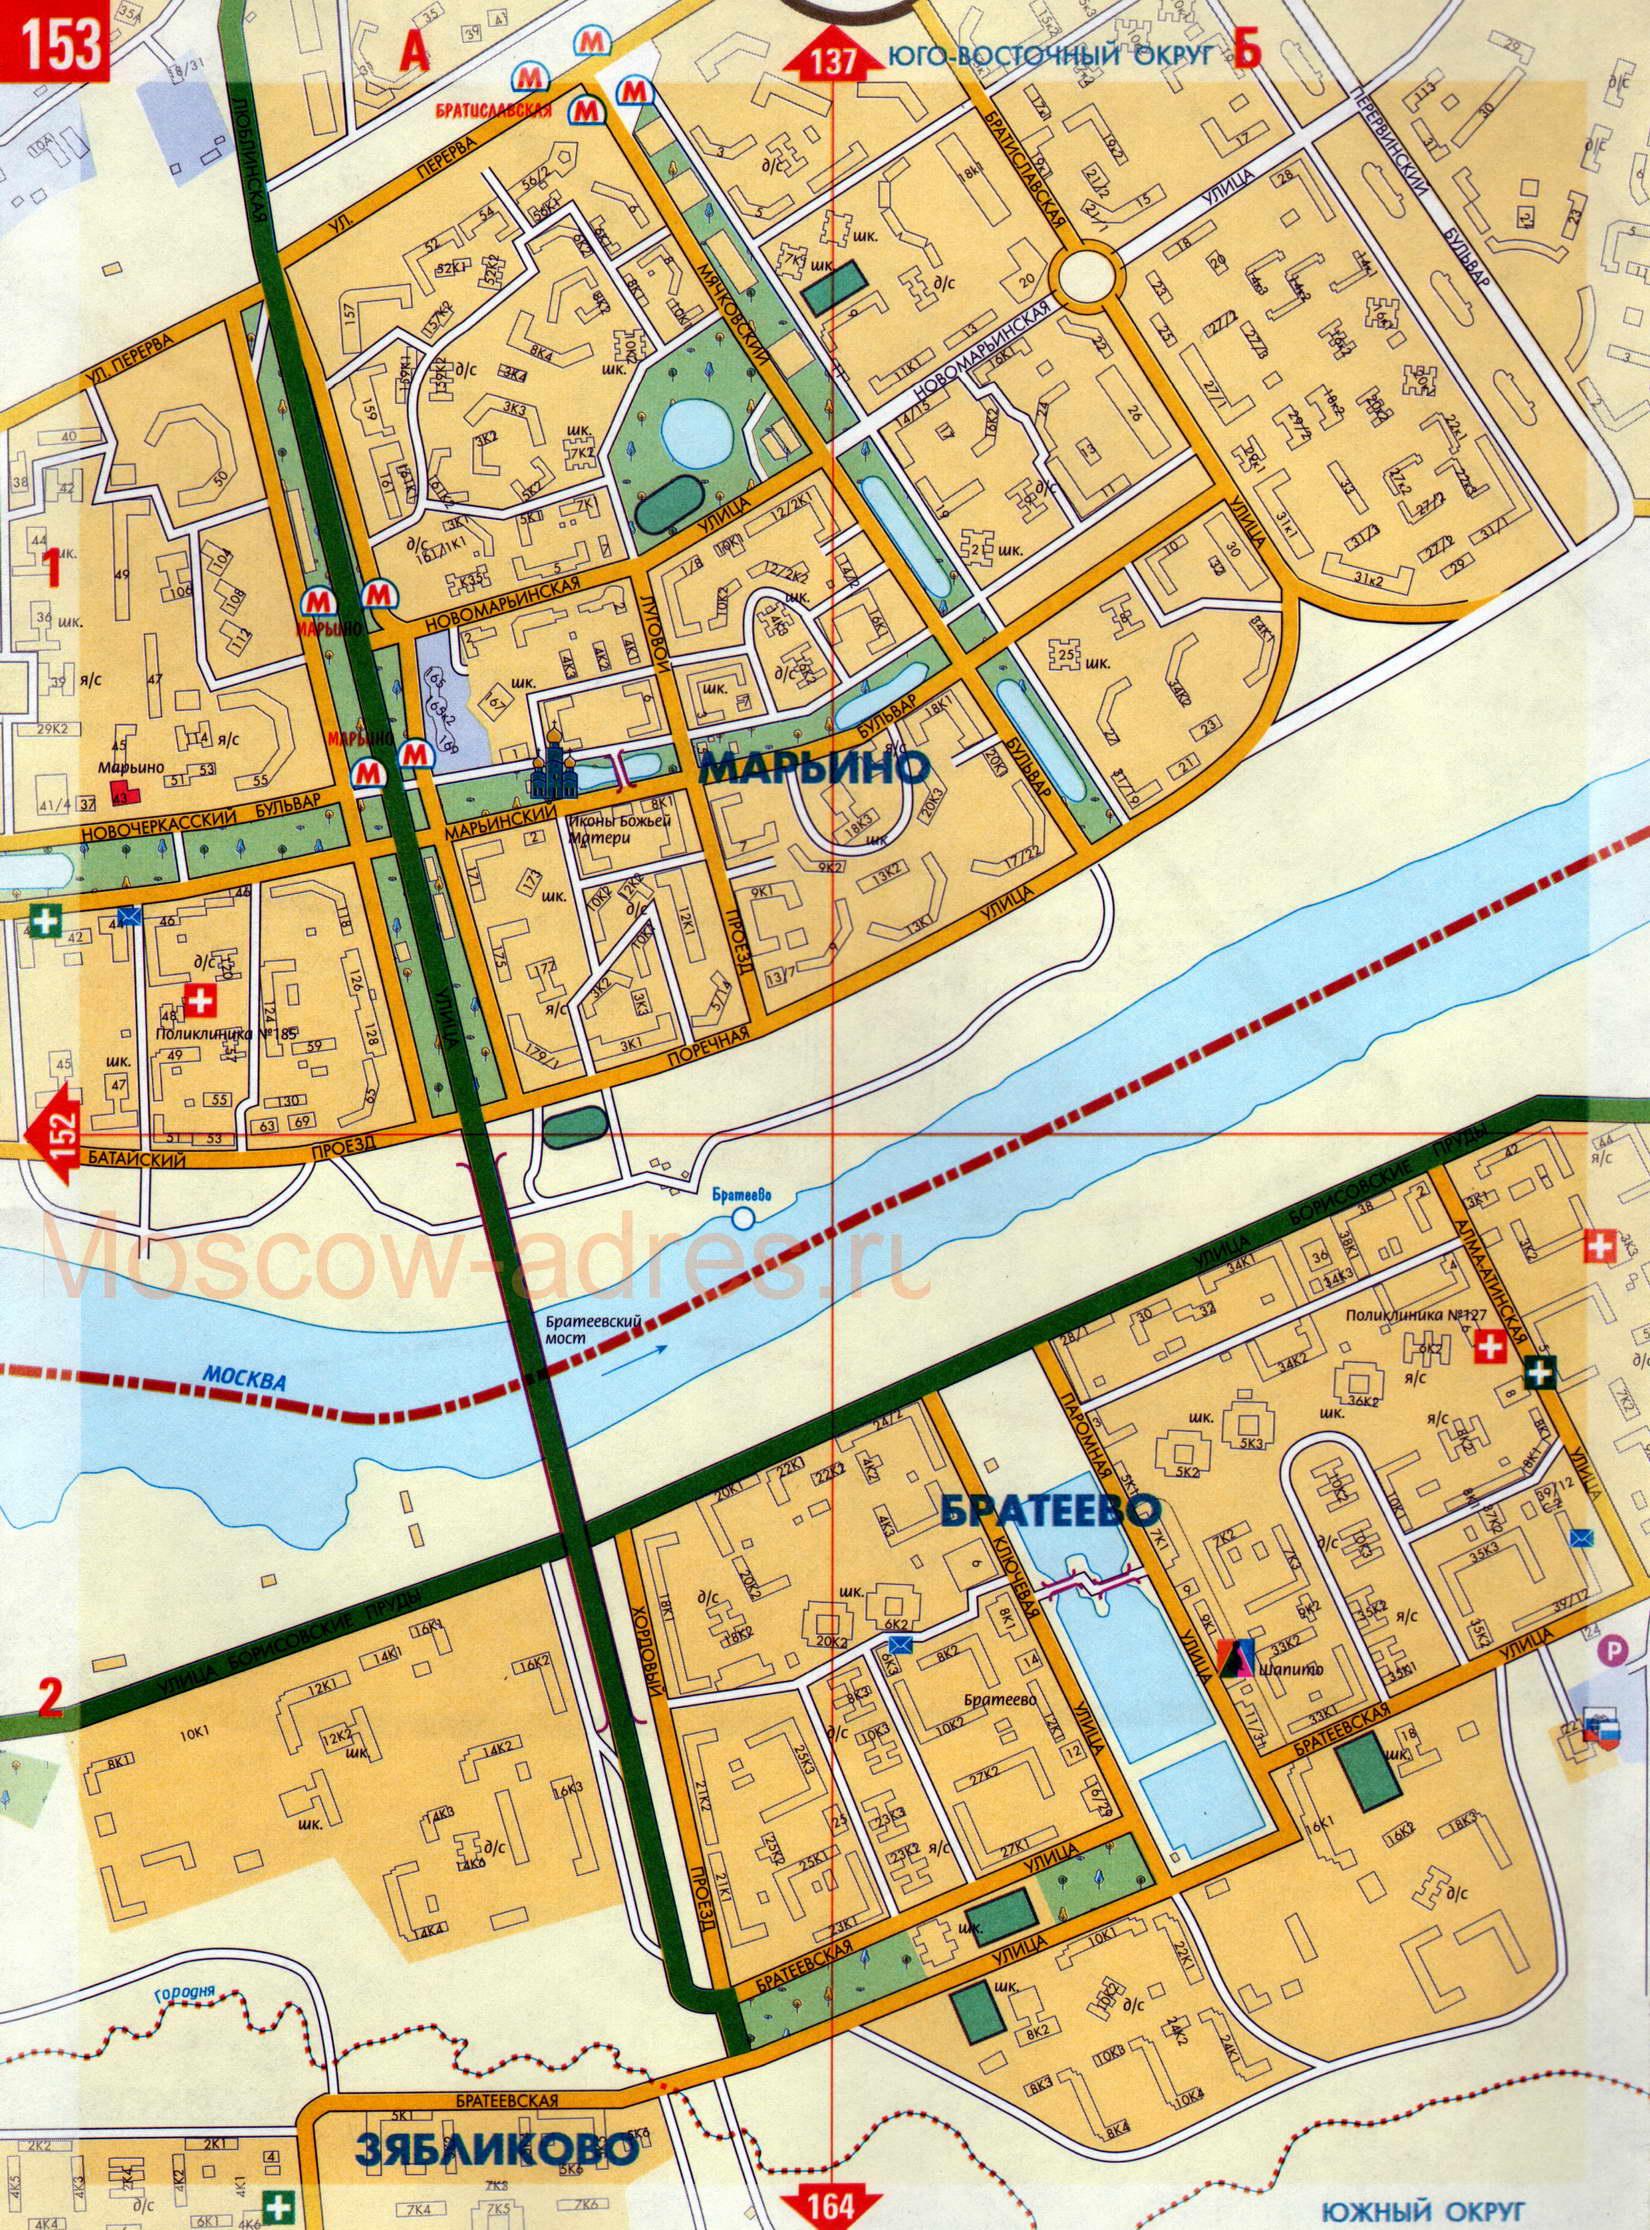 Схема западного административного округа